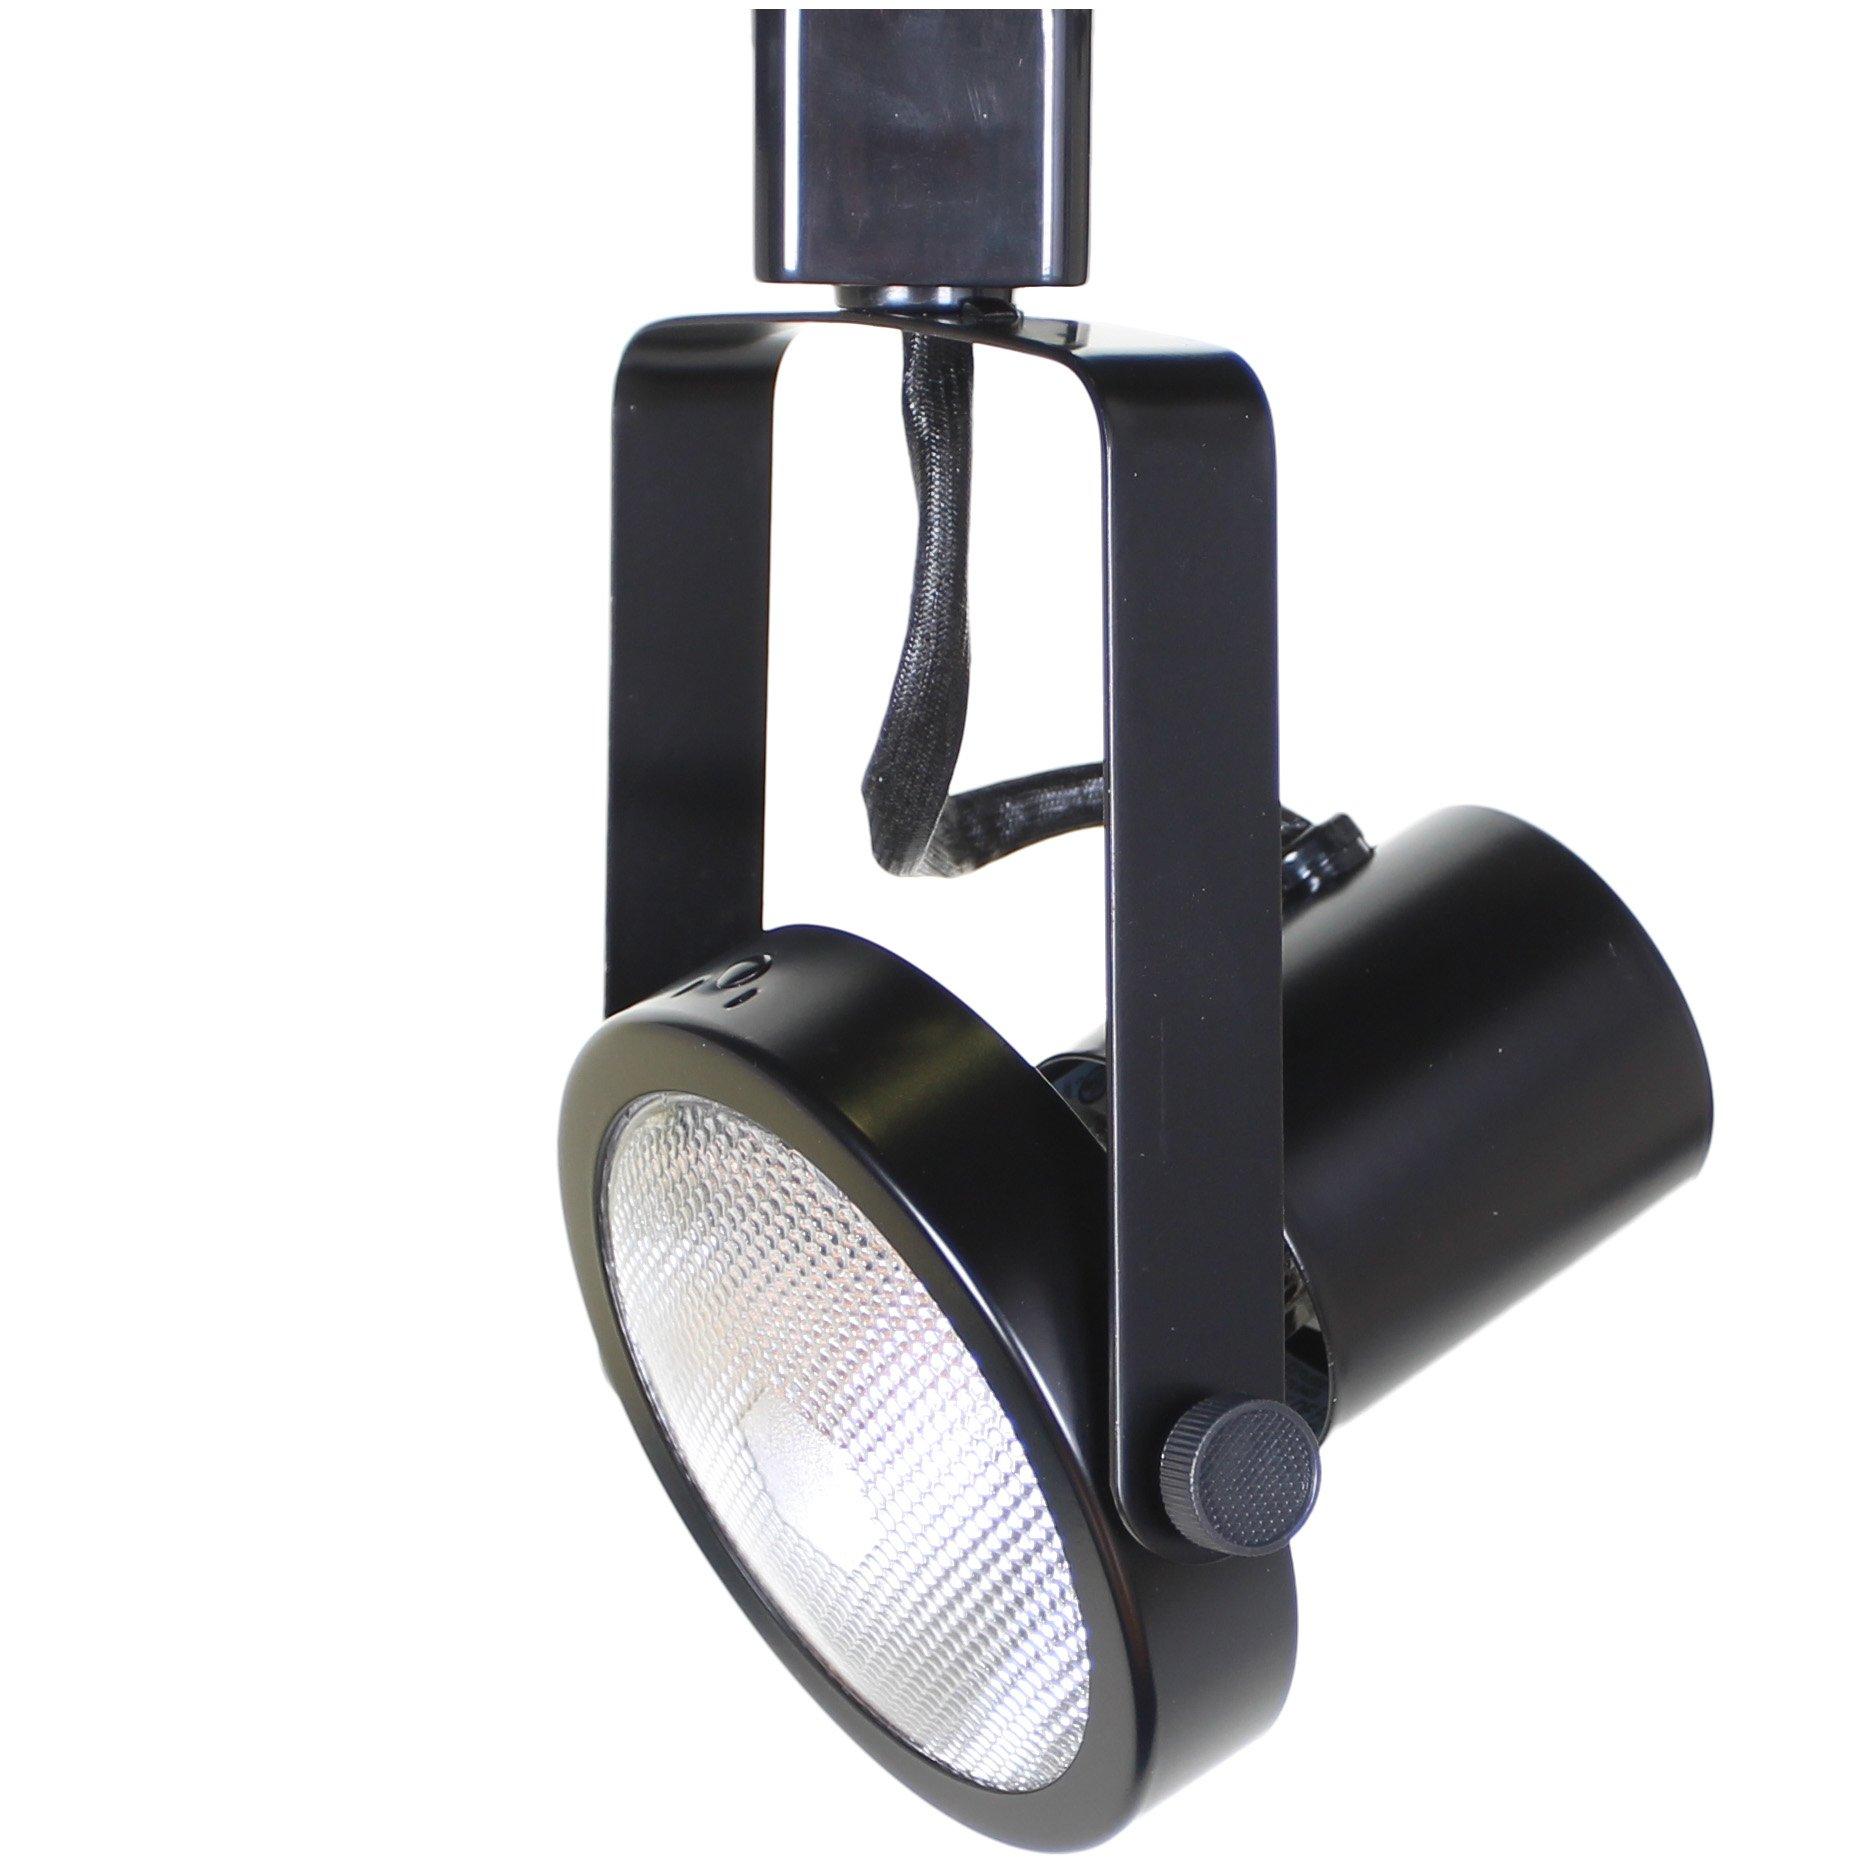 Direct-Lighting 50005 Black PAR30 Short Neck Gimbal Ring Line Voltage Track Lighting Head